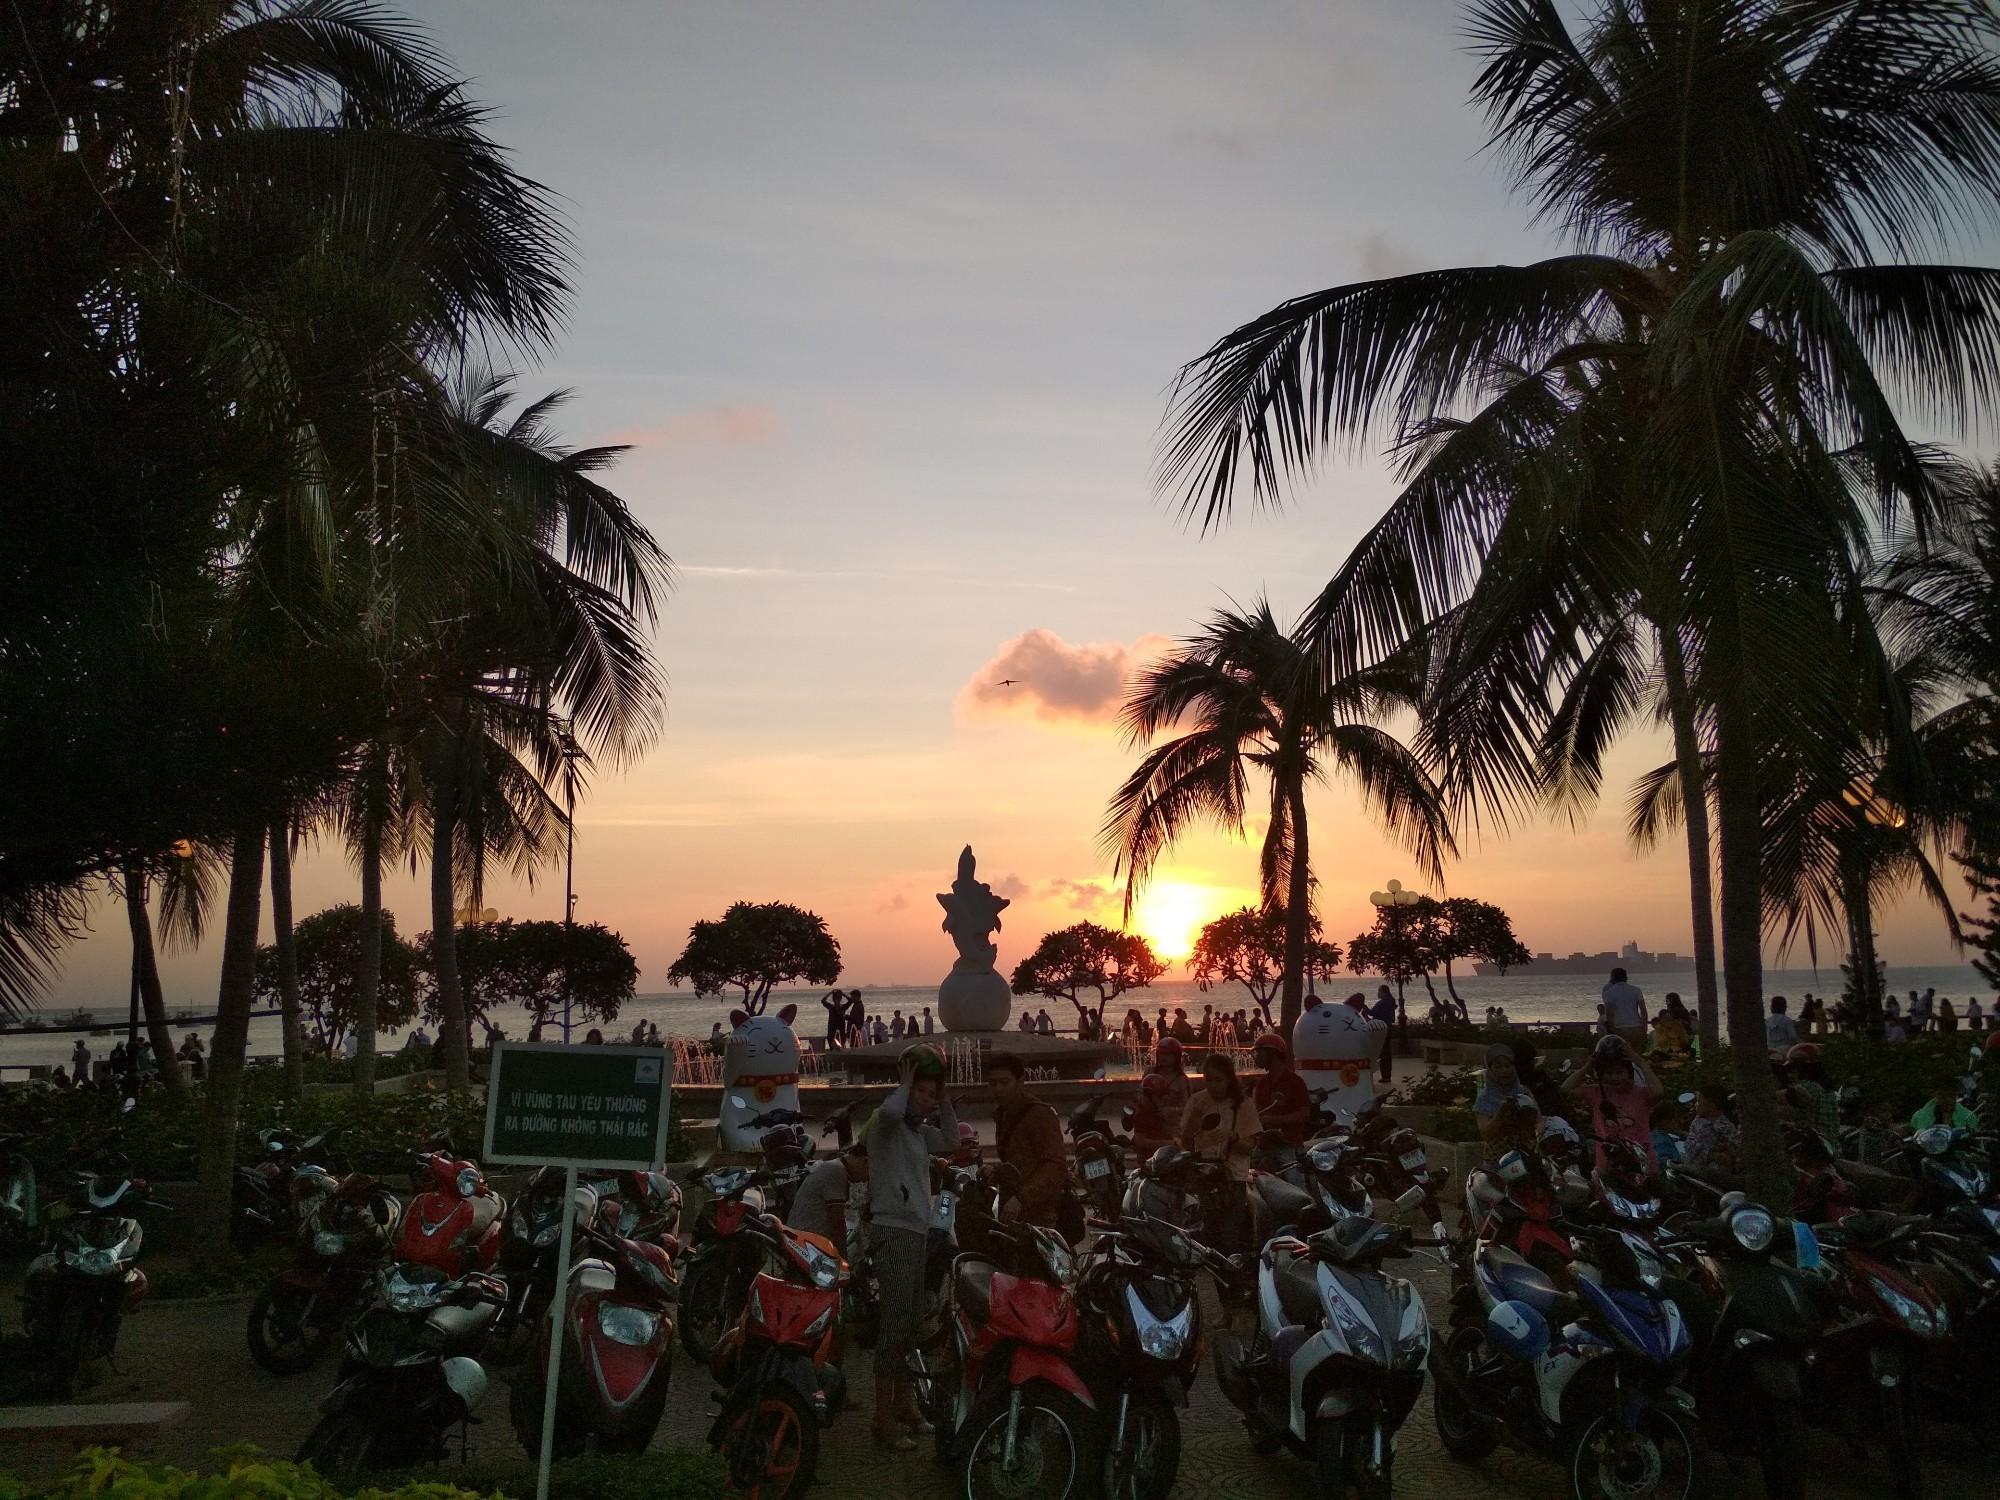 последнее вьетнам вунгтау фотографии отзывы туристов хорош качестве